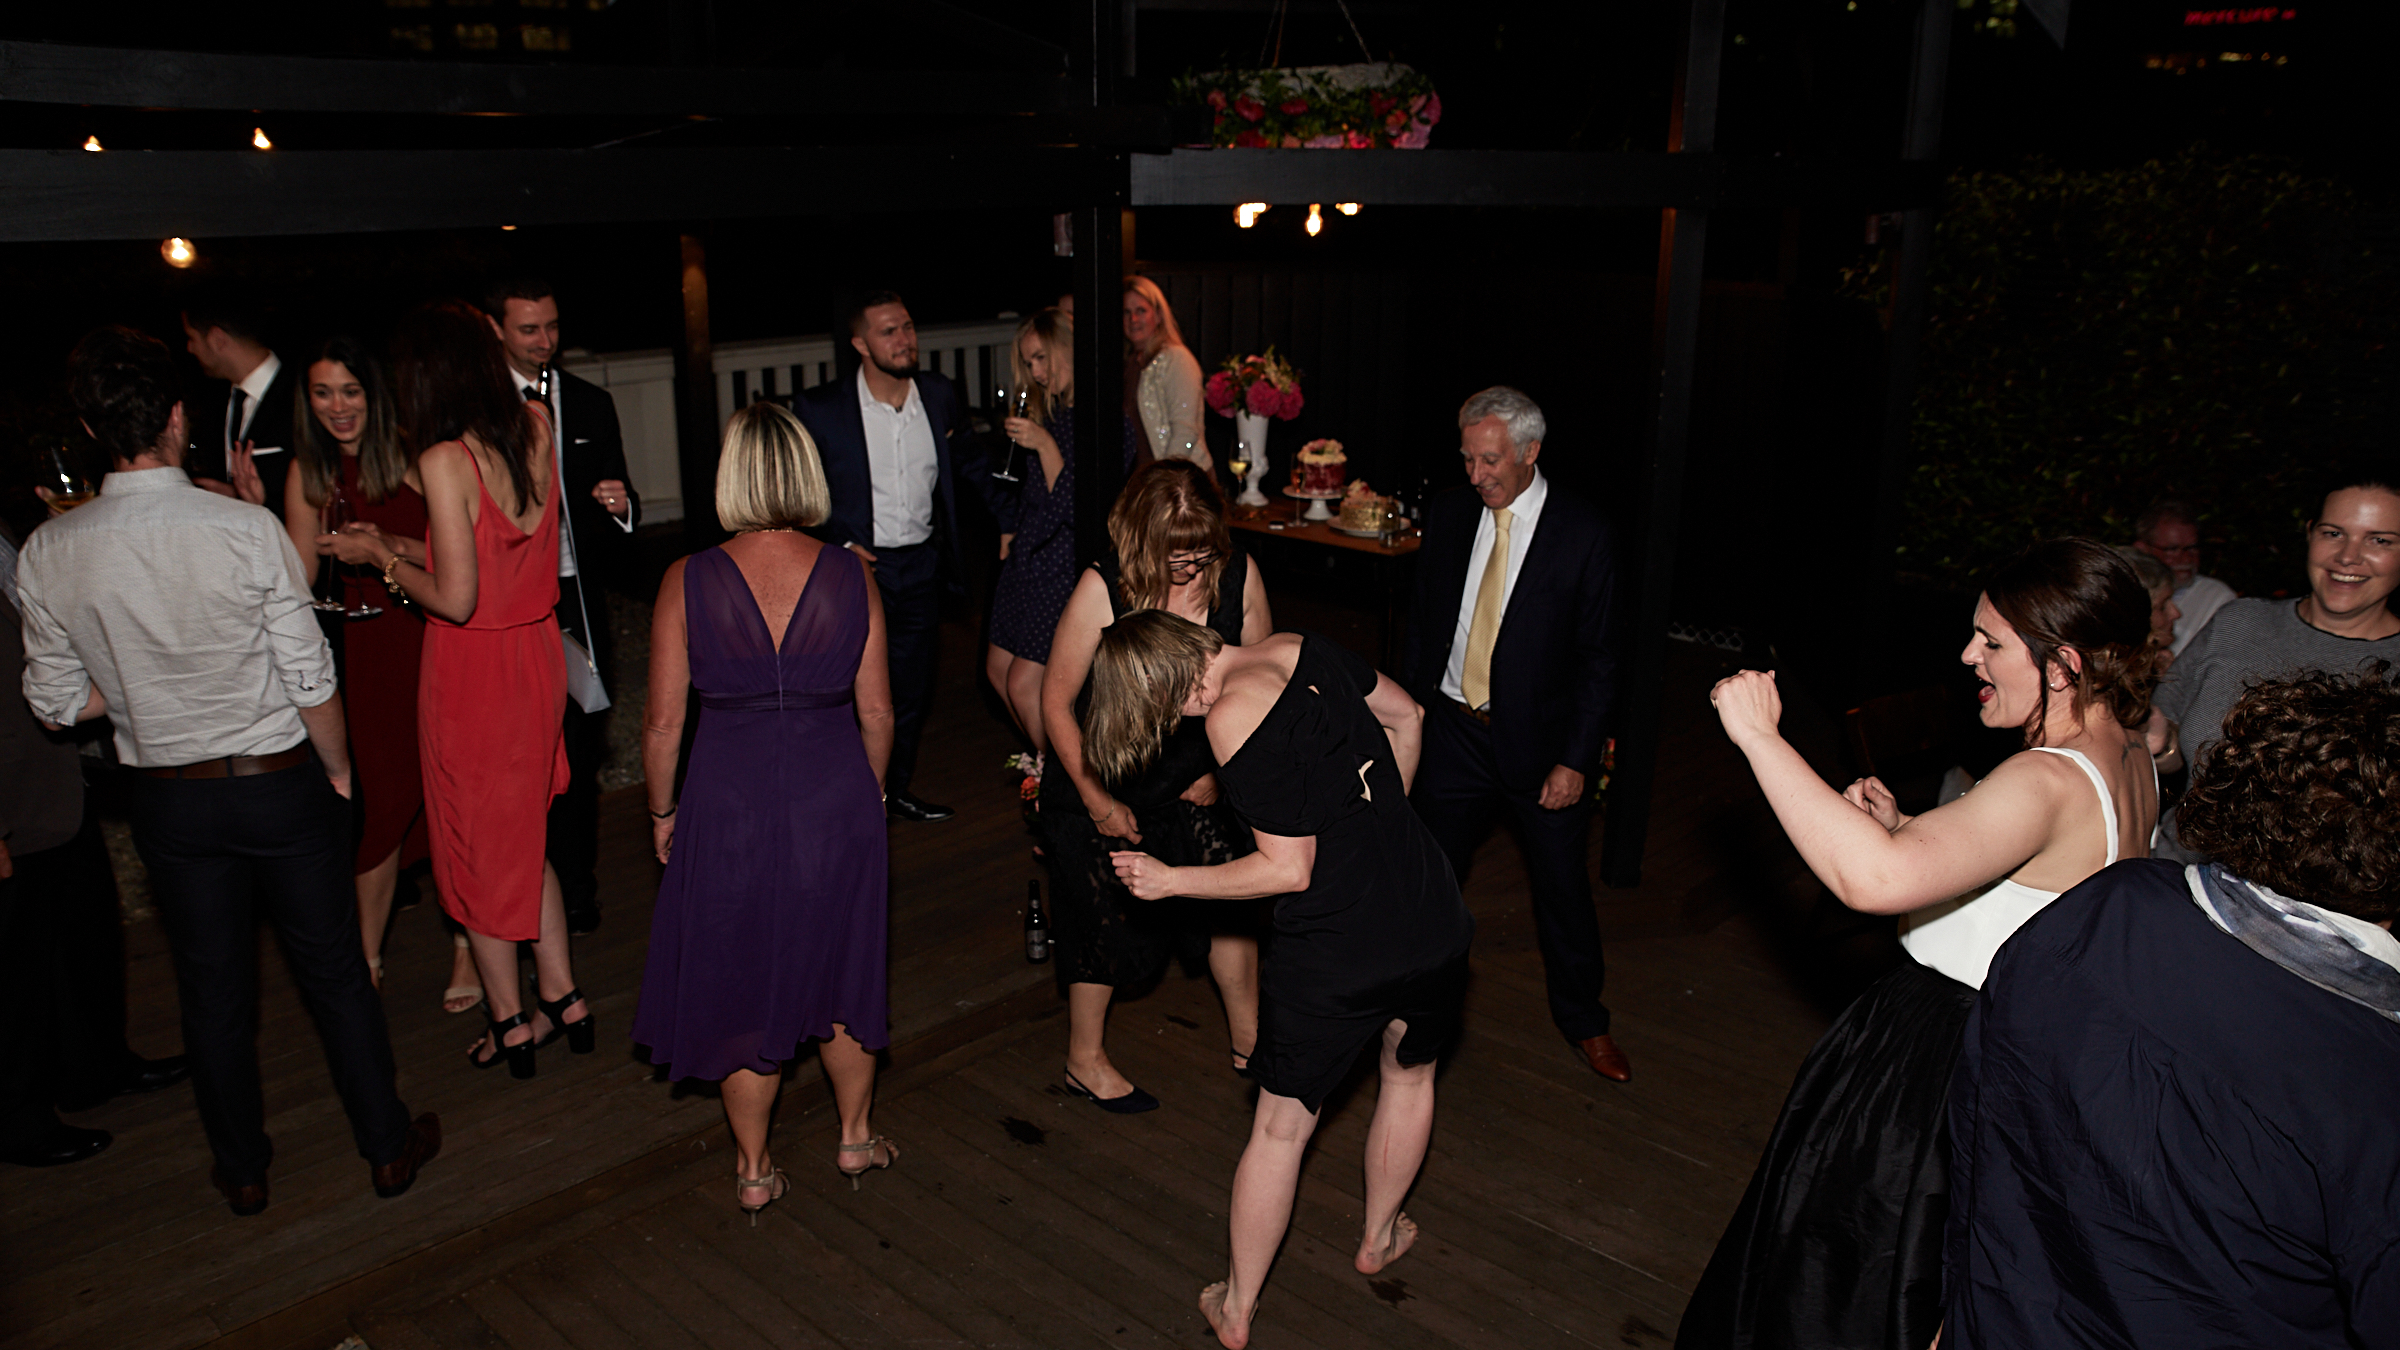 get on the dance floor